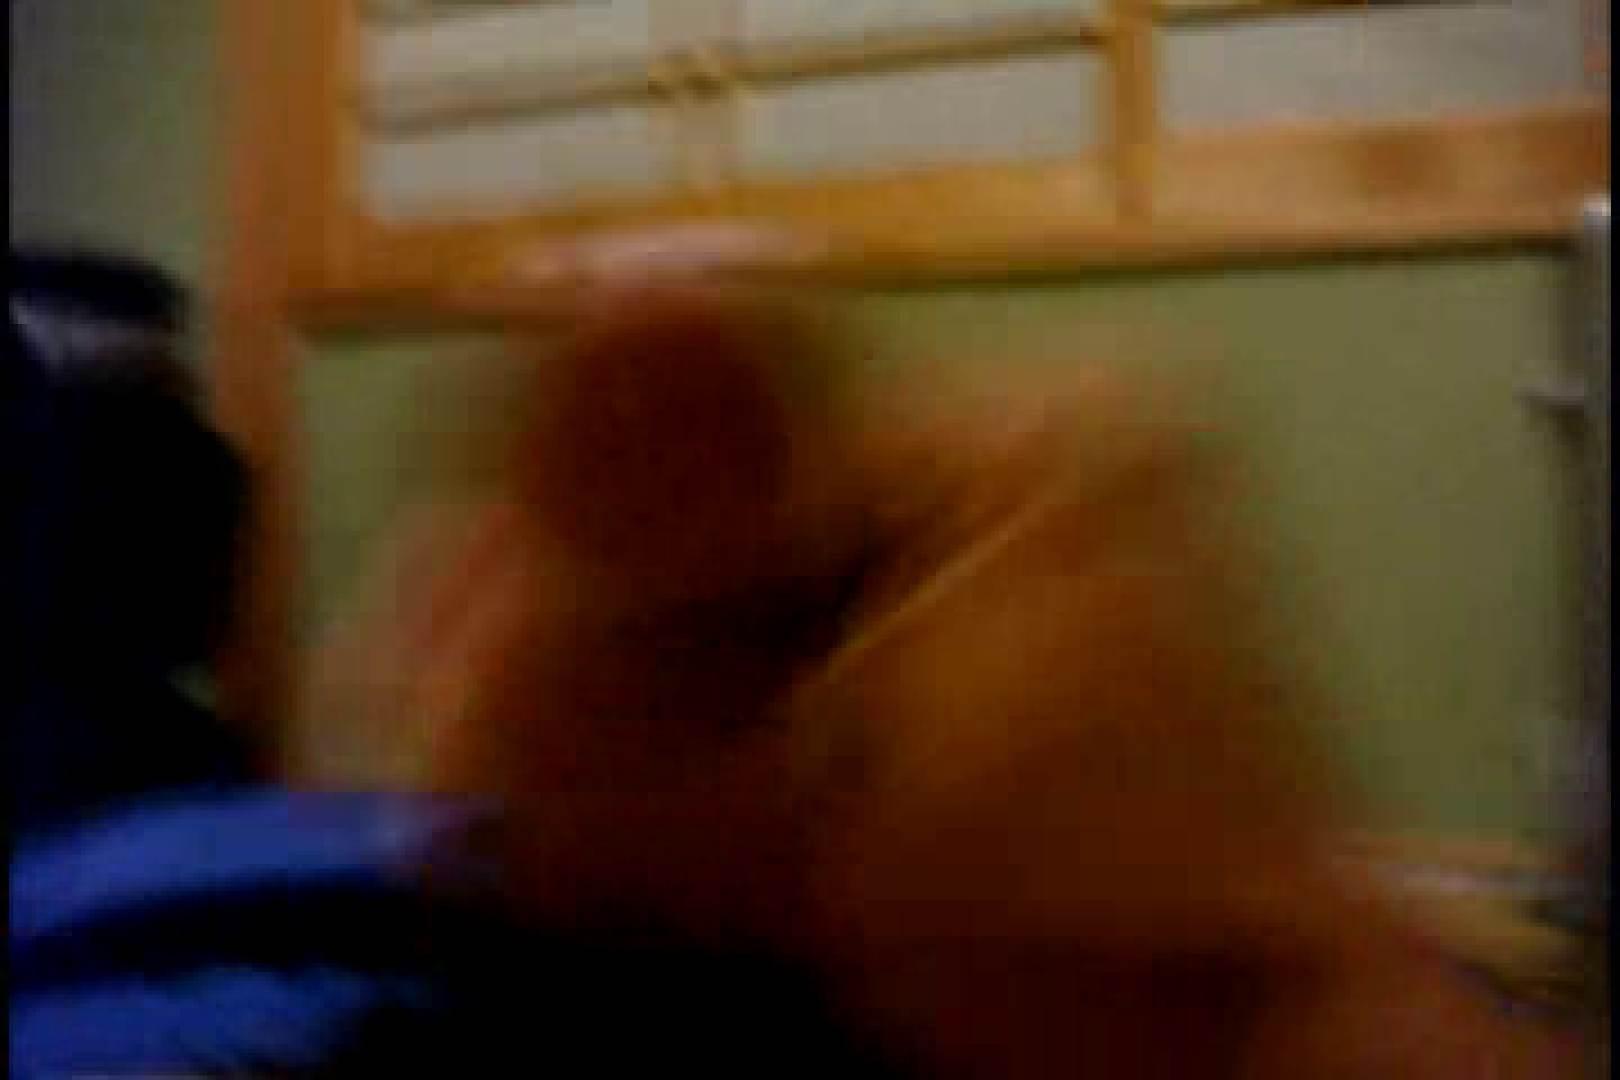 オナ好きノンケテニス部員の自画撮り投稿vol.02 射精特集 ゲイフリーエロ画像 77枚 35